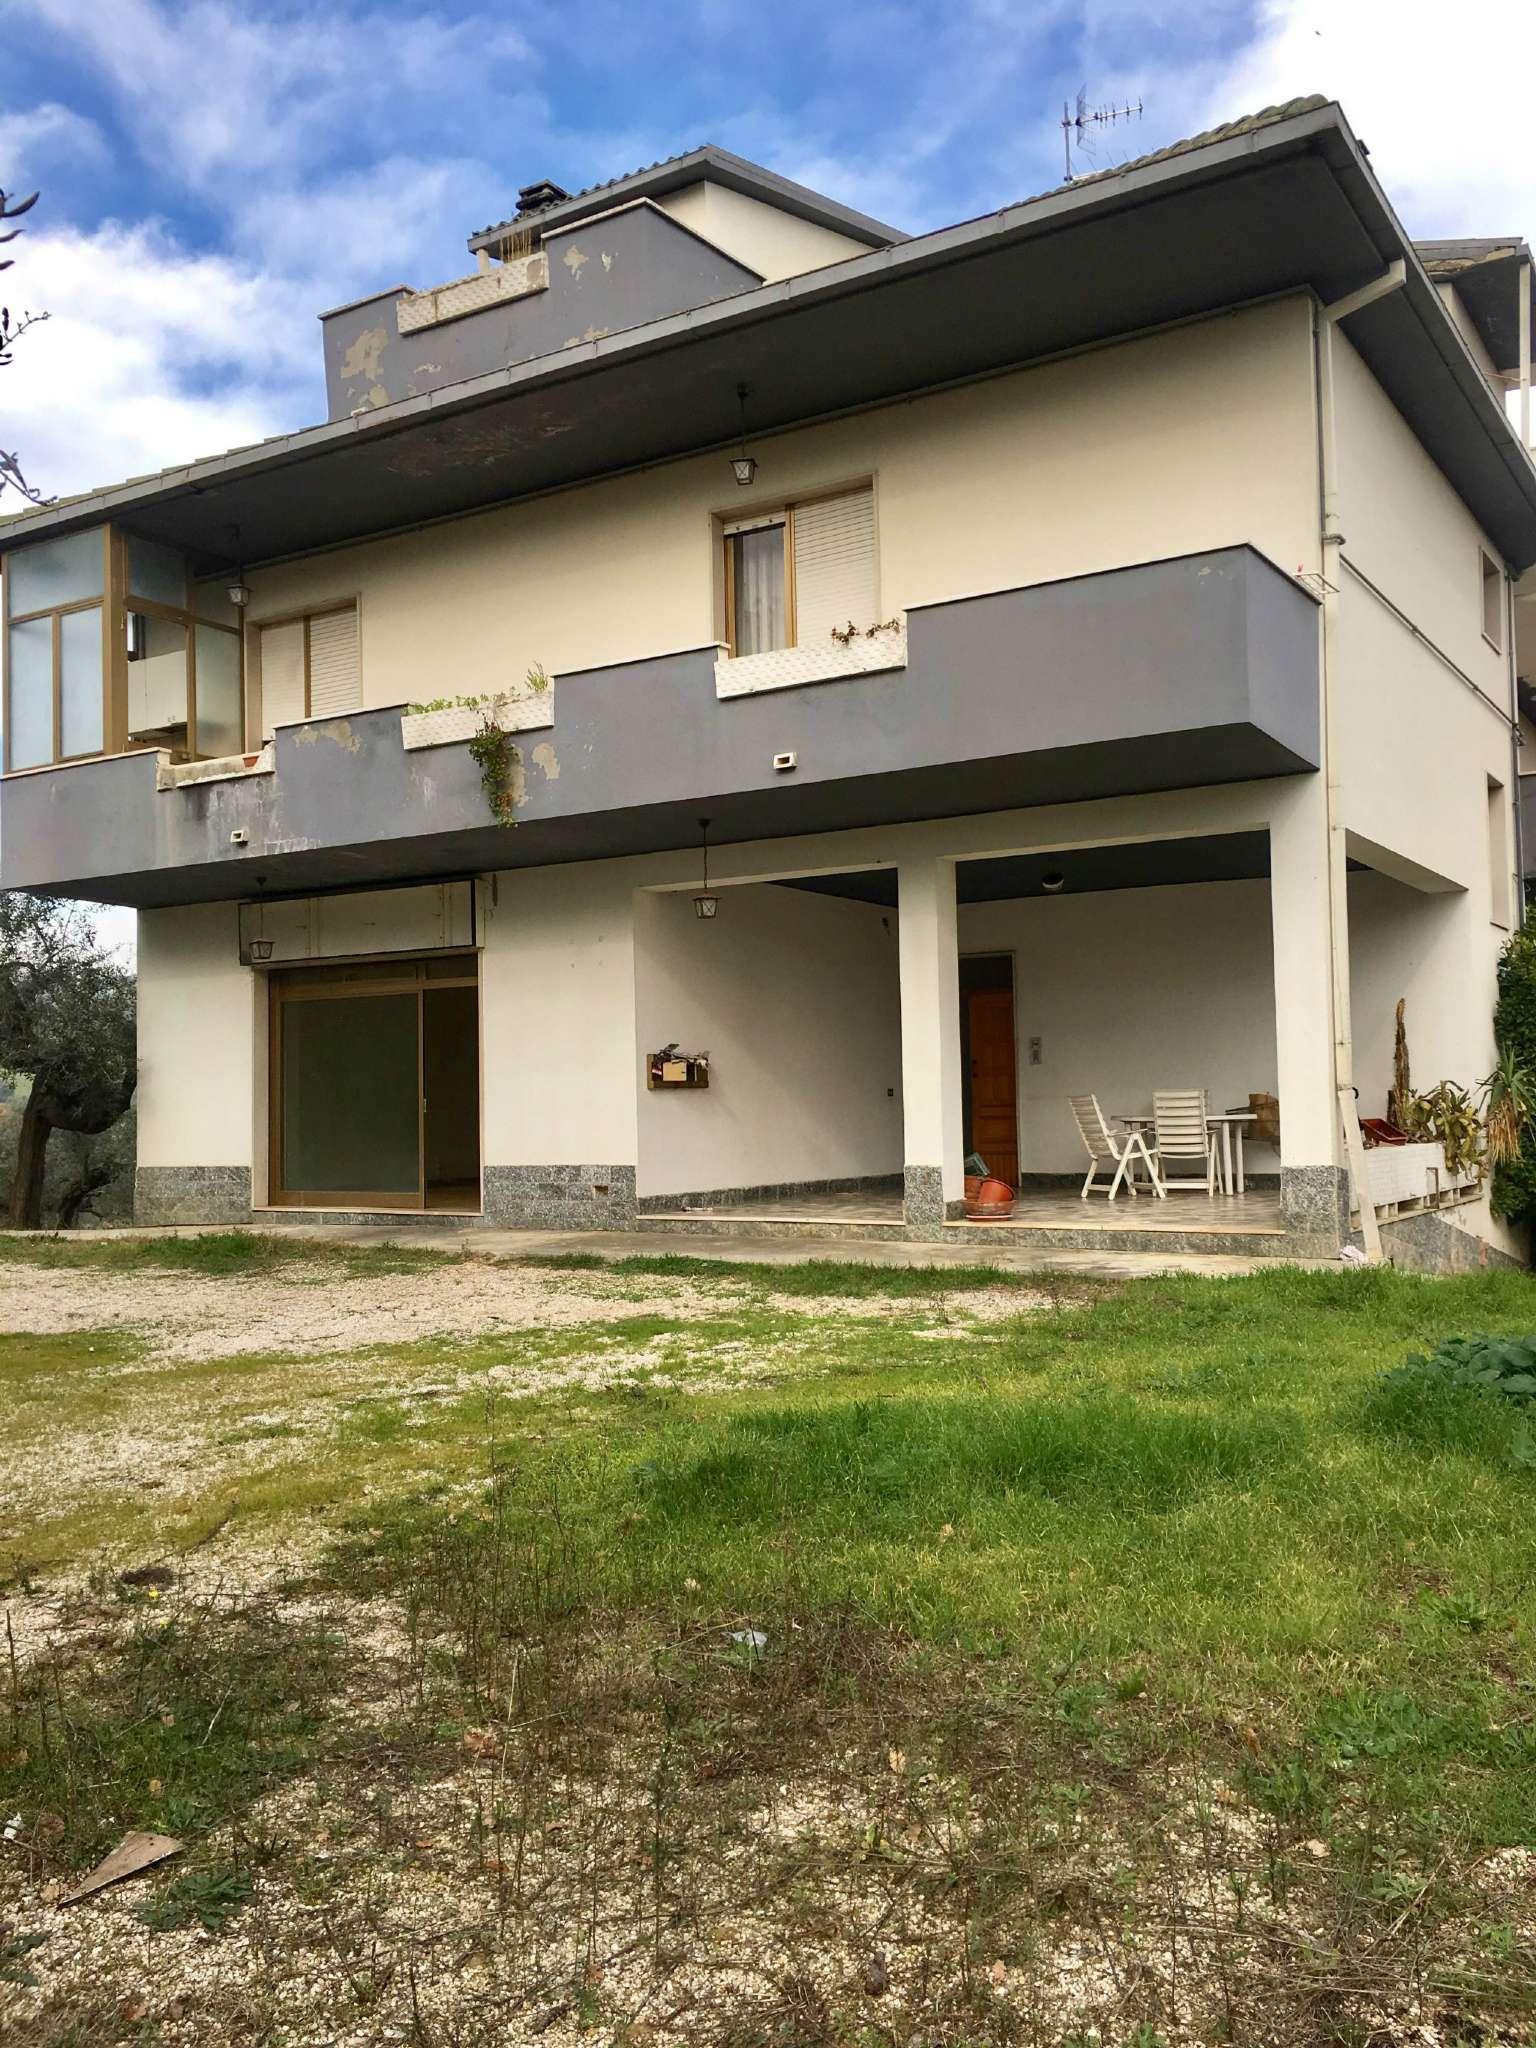 Negozio / Locale in affitto a Collecorvino, 2 locali, prezzo € 450 | Cambio Casa.it